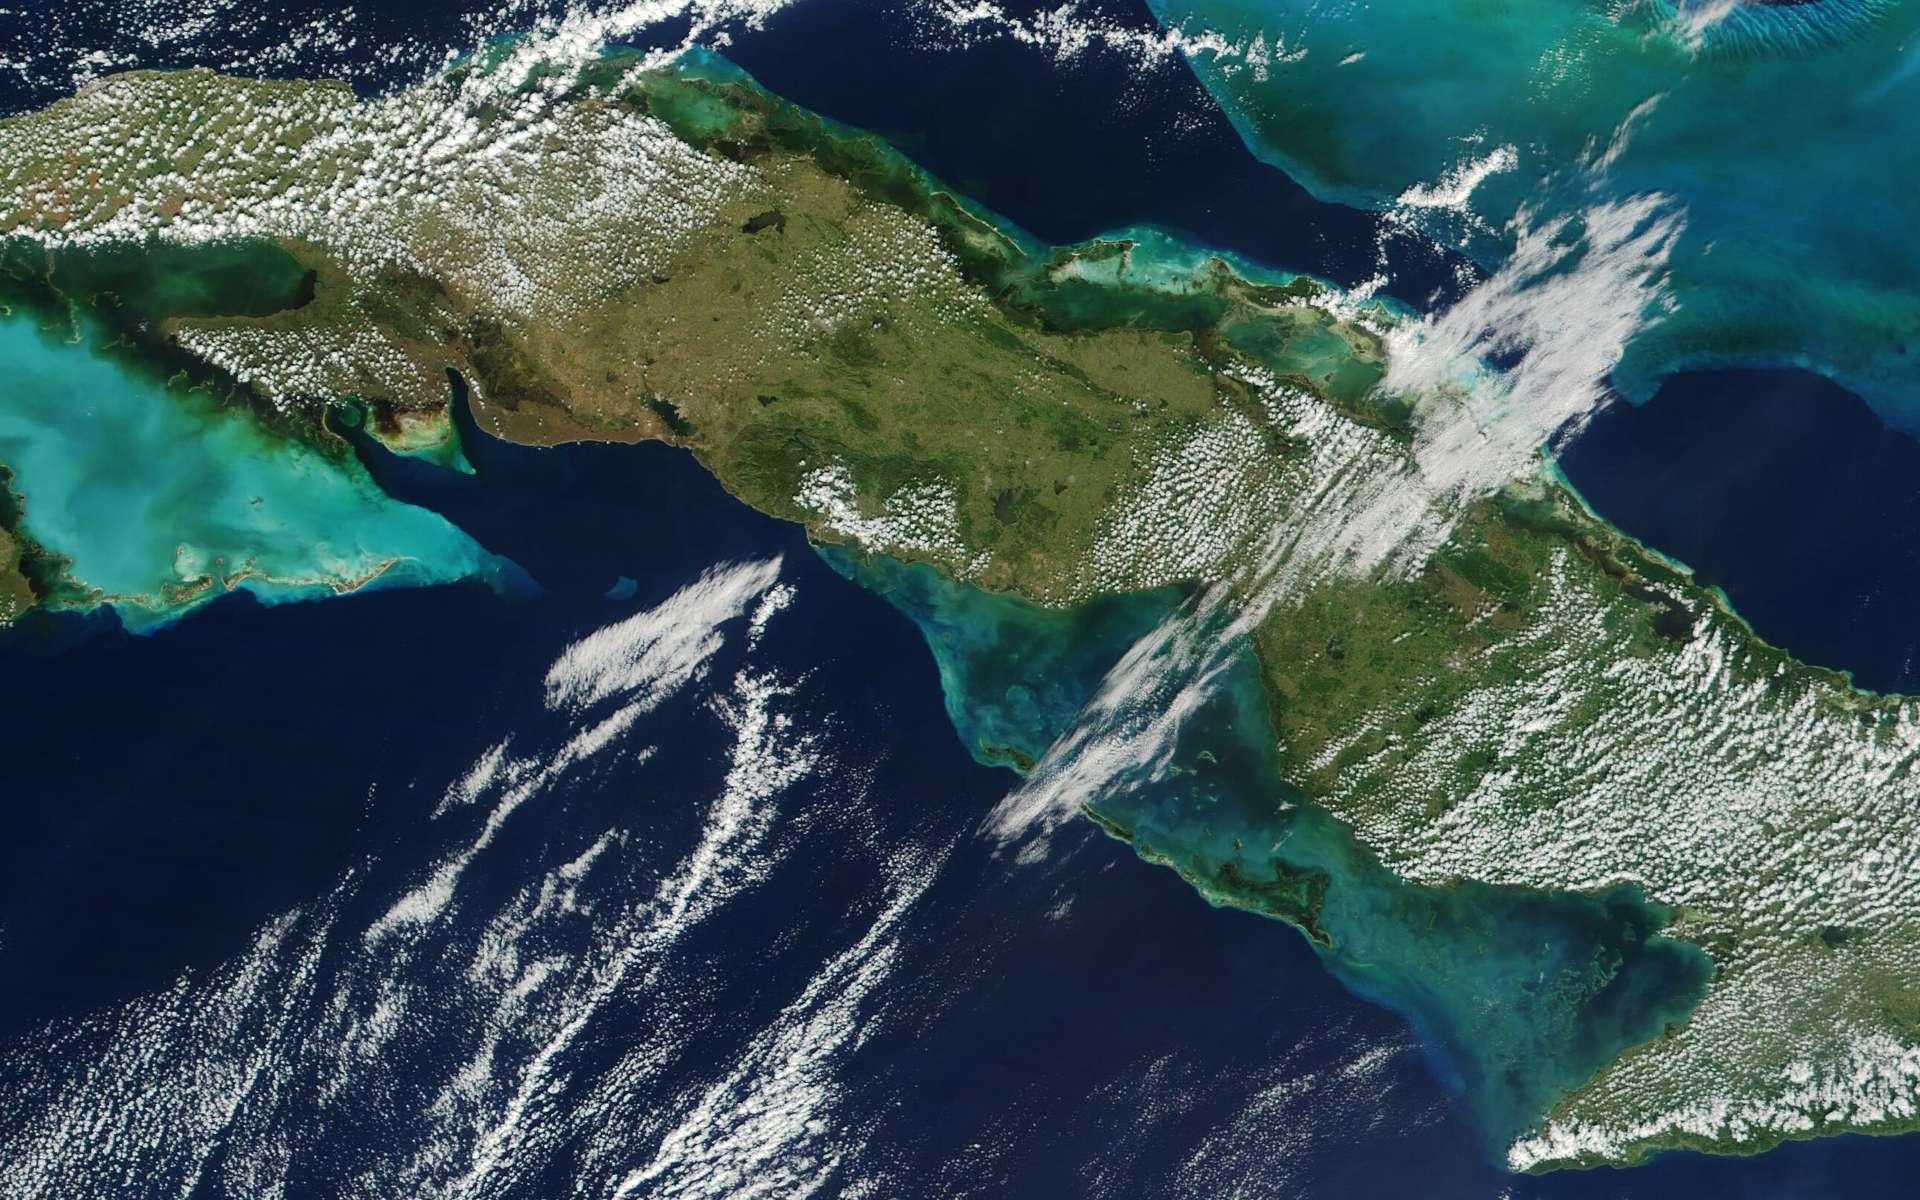 L'île de Cuba et la guerre froide auraient pu déclencher une guerre nucléaire entre les États-Unis et l'URSS, au cours de la crise des missiles de Cuba. © Jacques Descloitres, Wikimedia Commons, DP